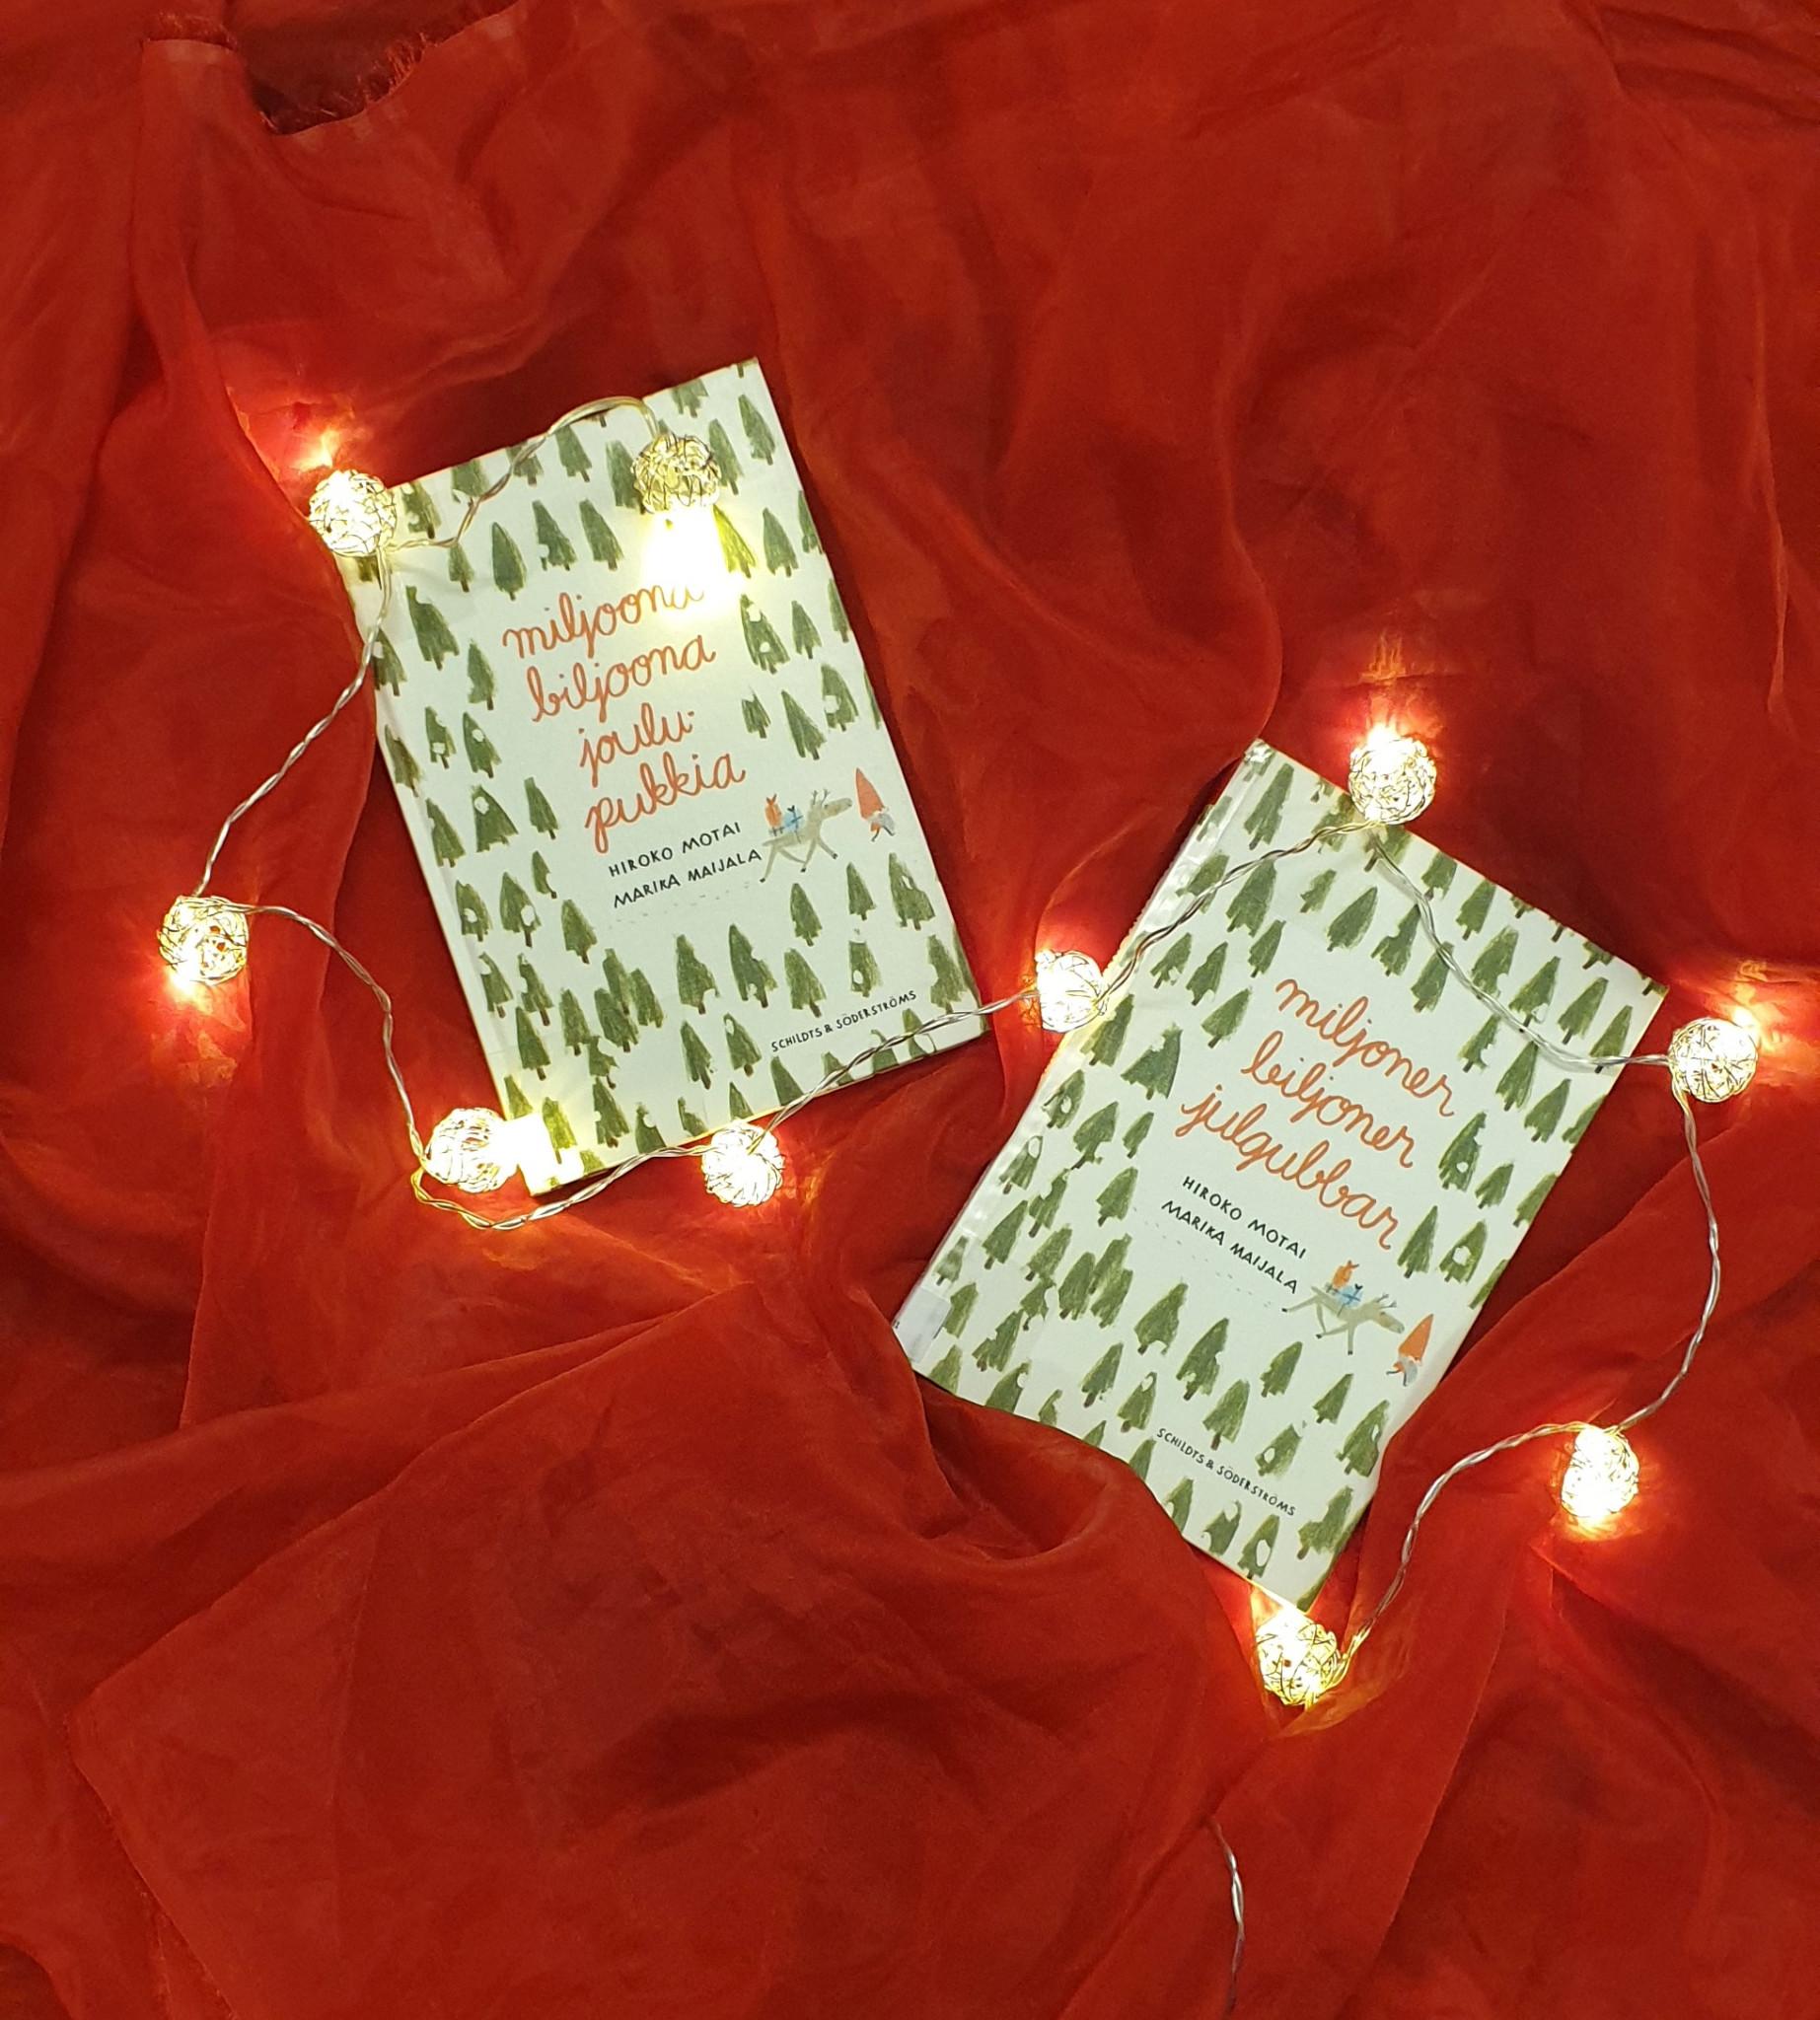 """Jouluinen asetelma, jossa kaksi lastenkirjaa, """"Miljoona biljoona joulupukkia"""" sekä """"Miljoner biljoner julgubbar"""", makaavat punaisella kankaalla. Kirjojen ympärillä kiemurtelee jouluvalosarja."""